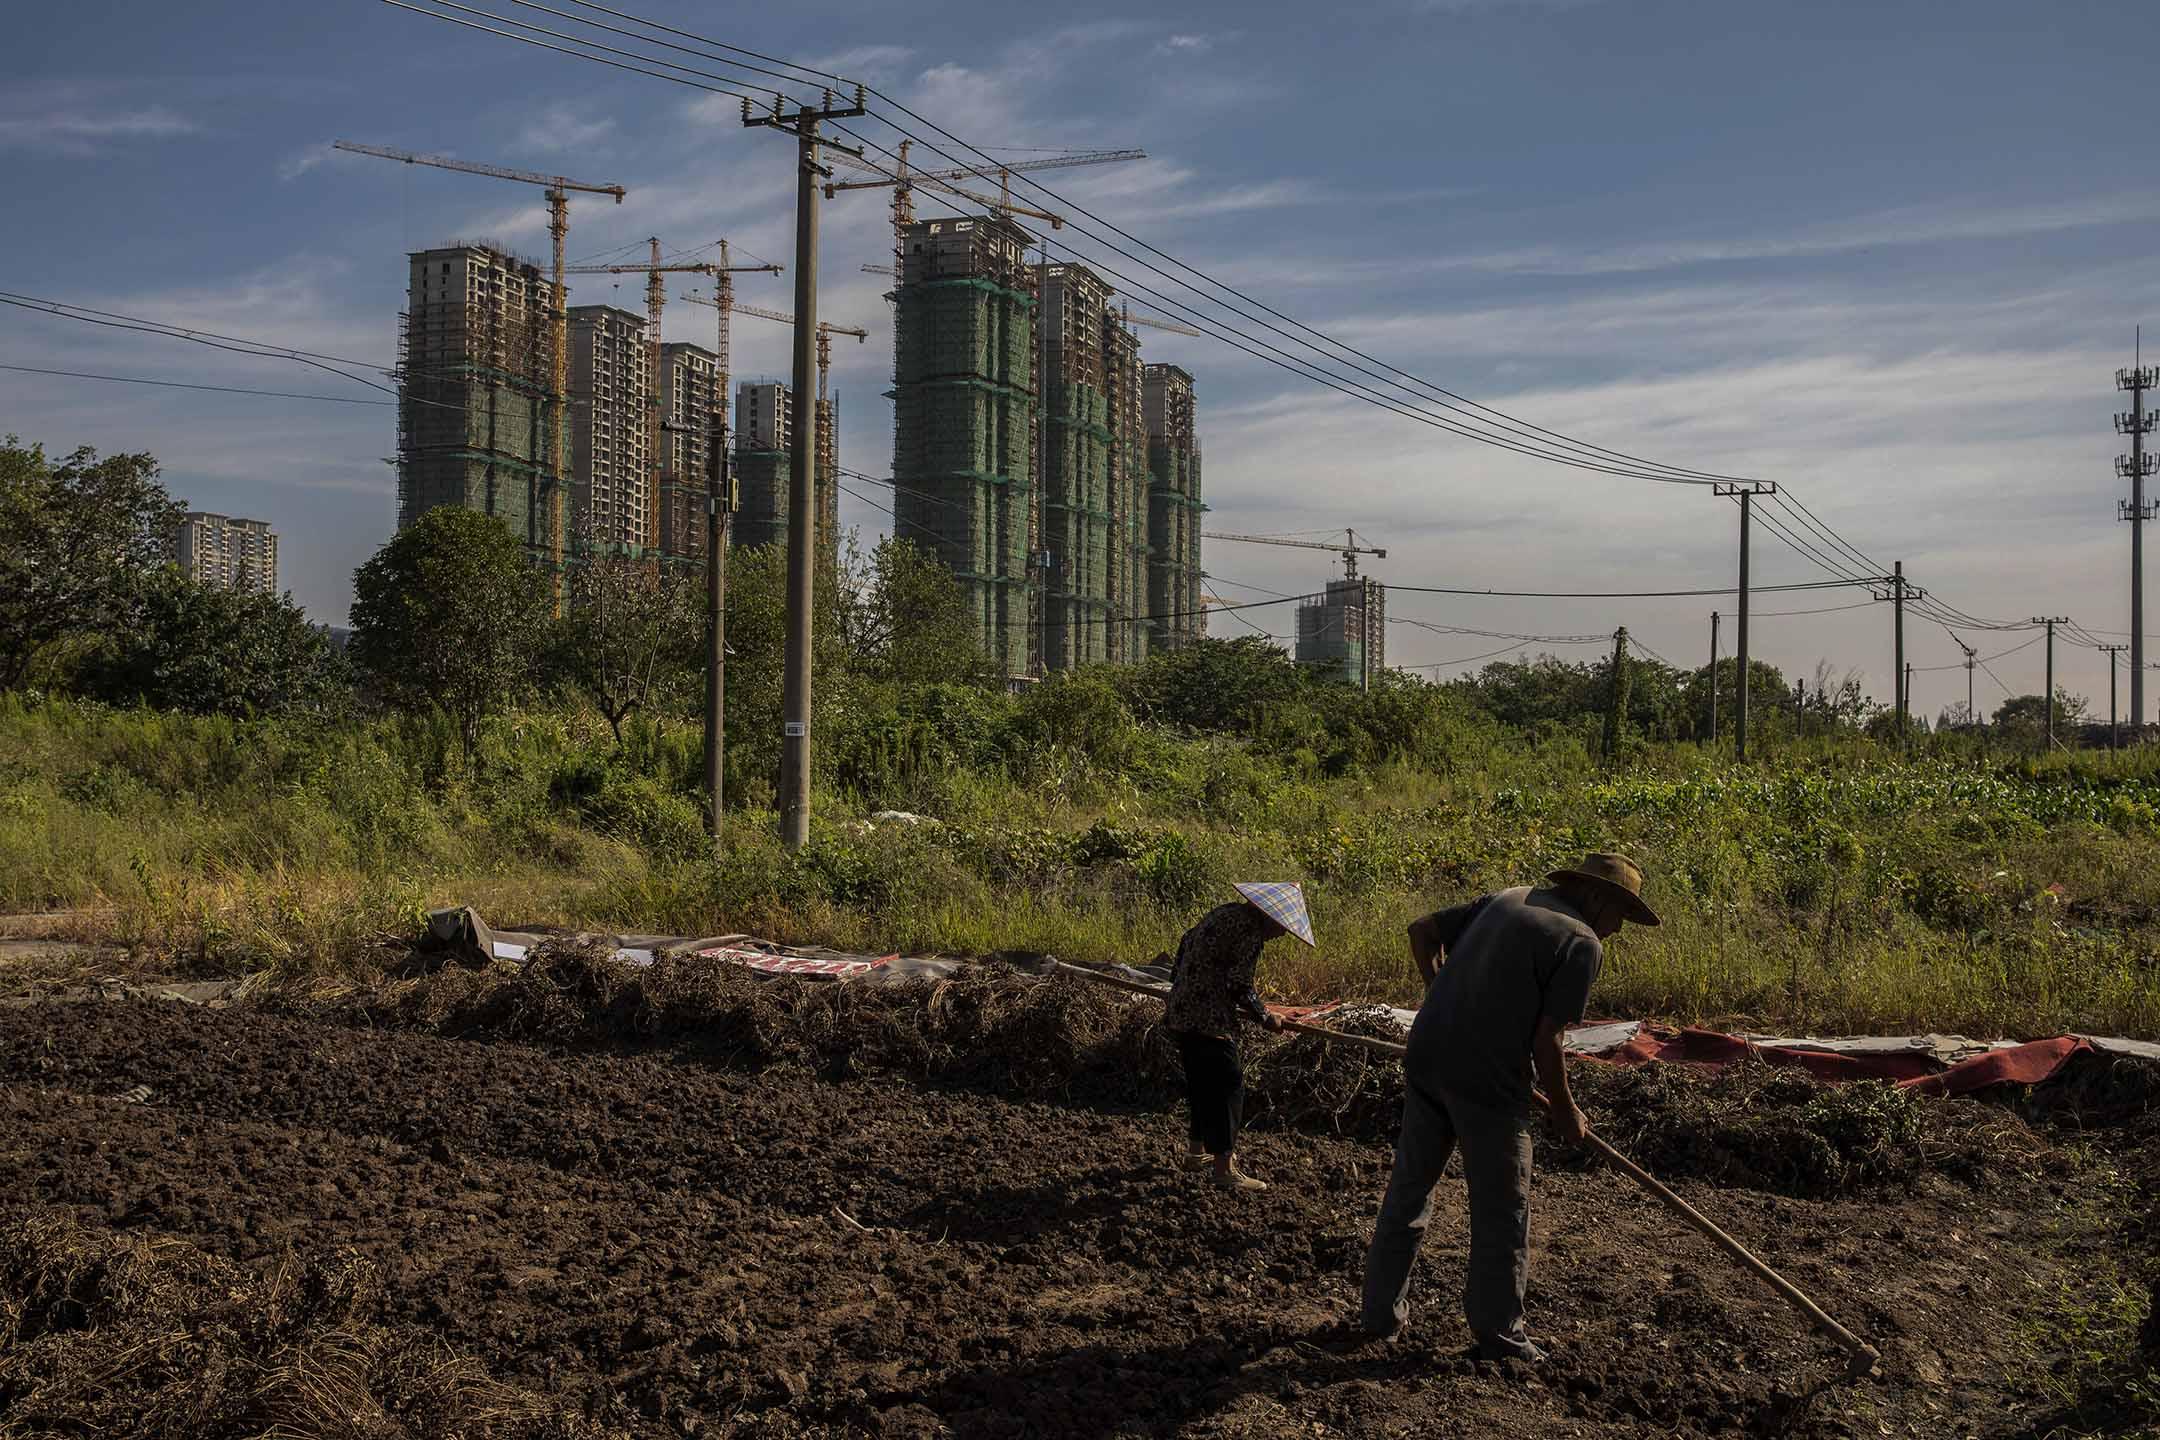 2021年9月24日中國江蘇省太倉市,恆大集團的開發項目,農民在高層公寓附近種菜。 攝:Qilai Shen/Bloomberg via Getty Images